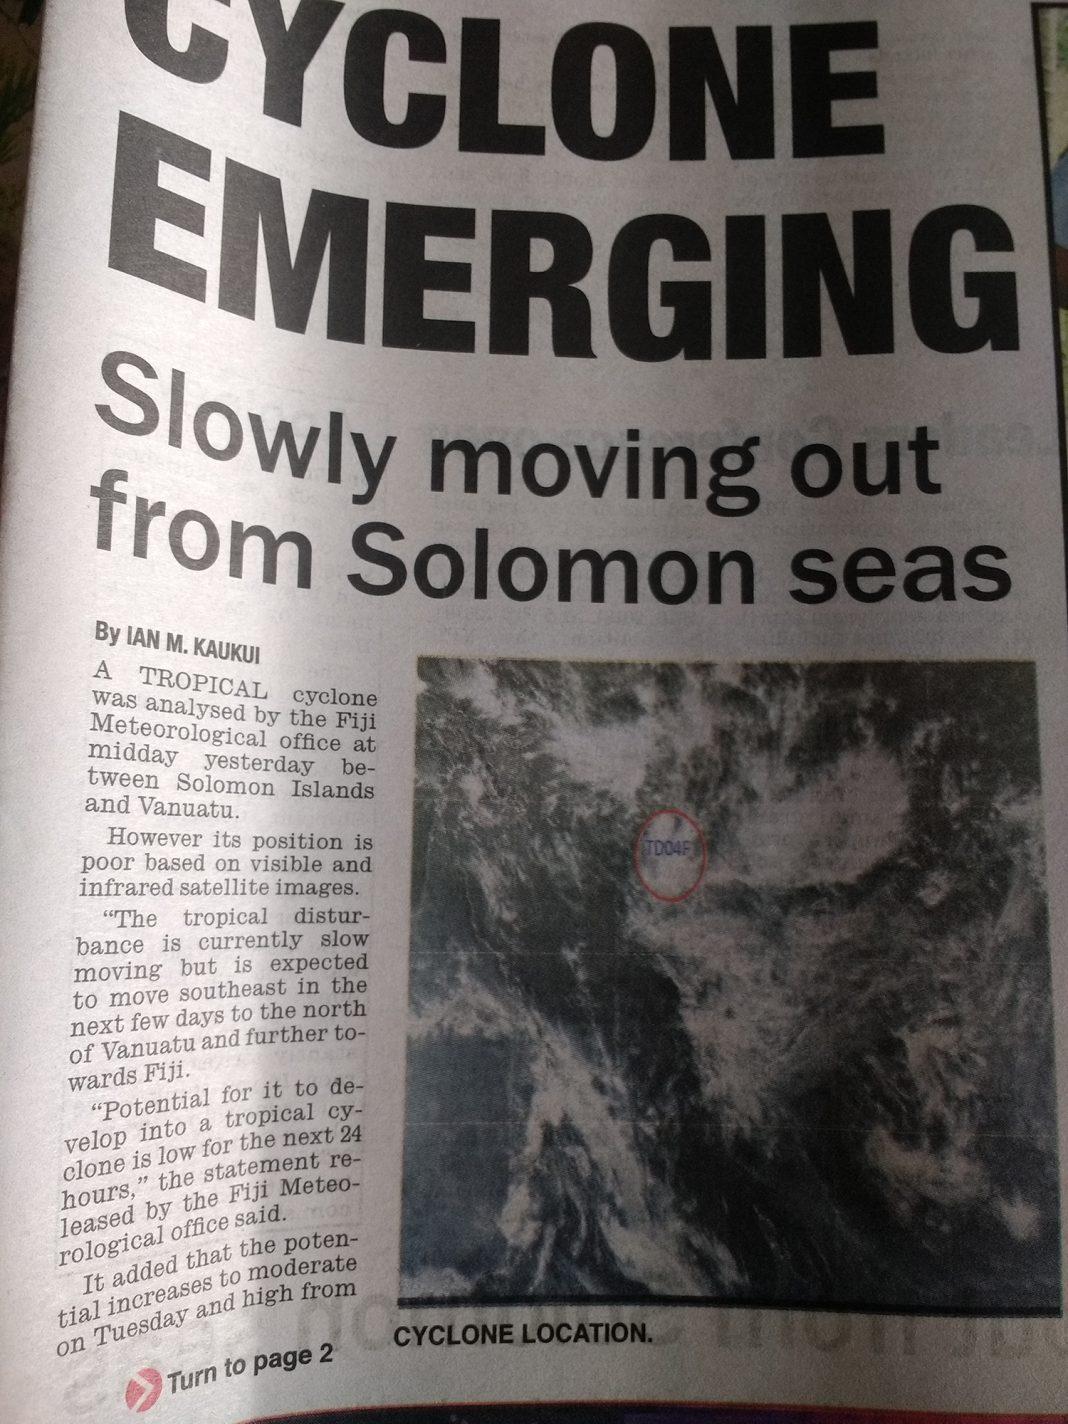 De waarschuwing in de krant